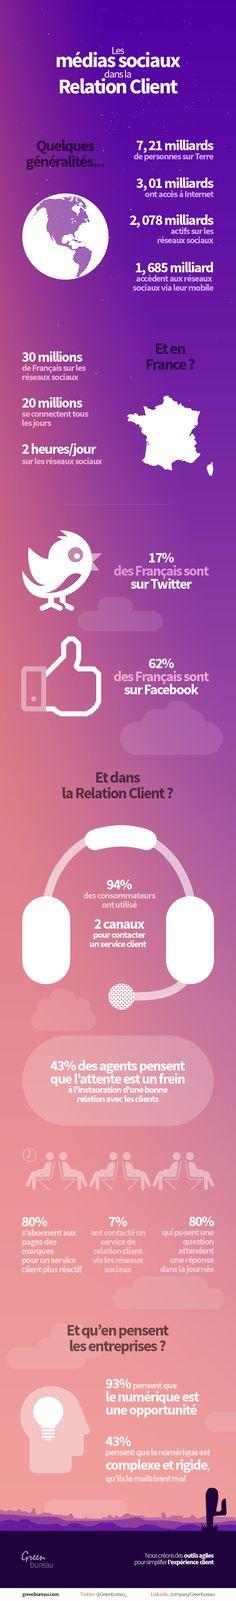 infographie-media-sociaux-relation-client